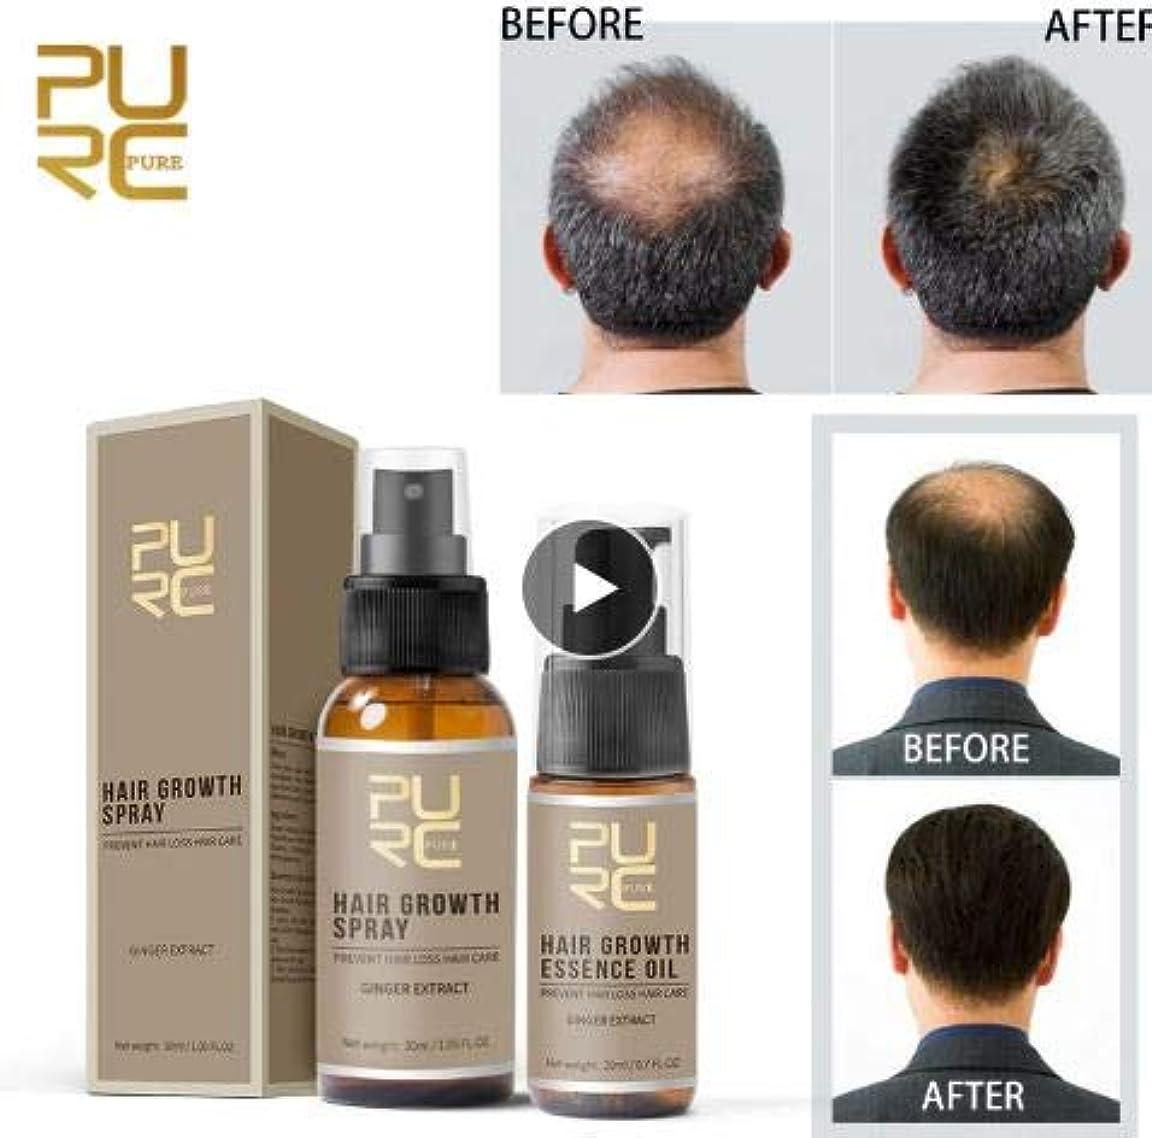 実現可能性はねかけるドライSET OF 2 - PURC Fast Growth and Care Hair Essence OIL + Hair Growth SPRAY - perfect hair care for Preventing Hair Loss